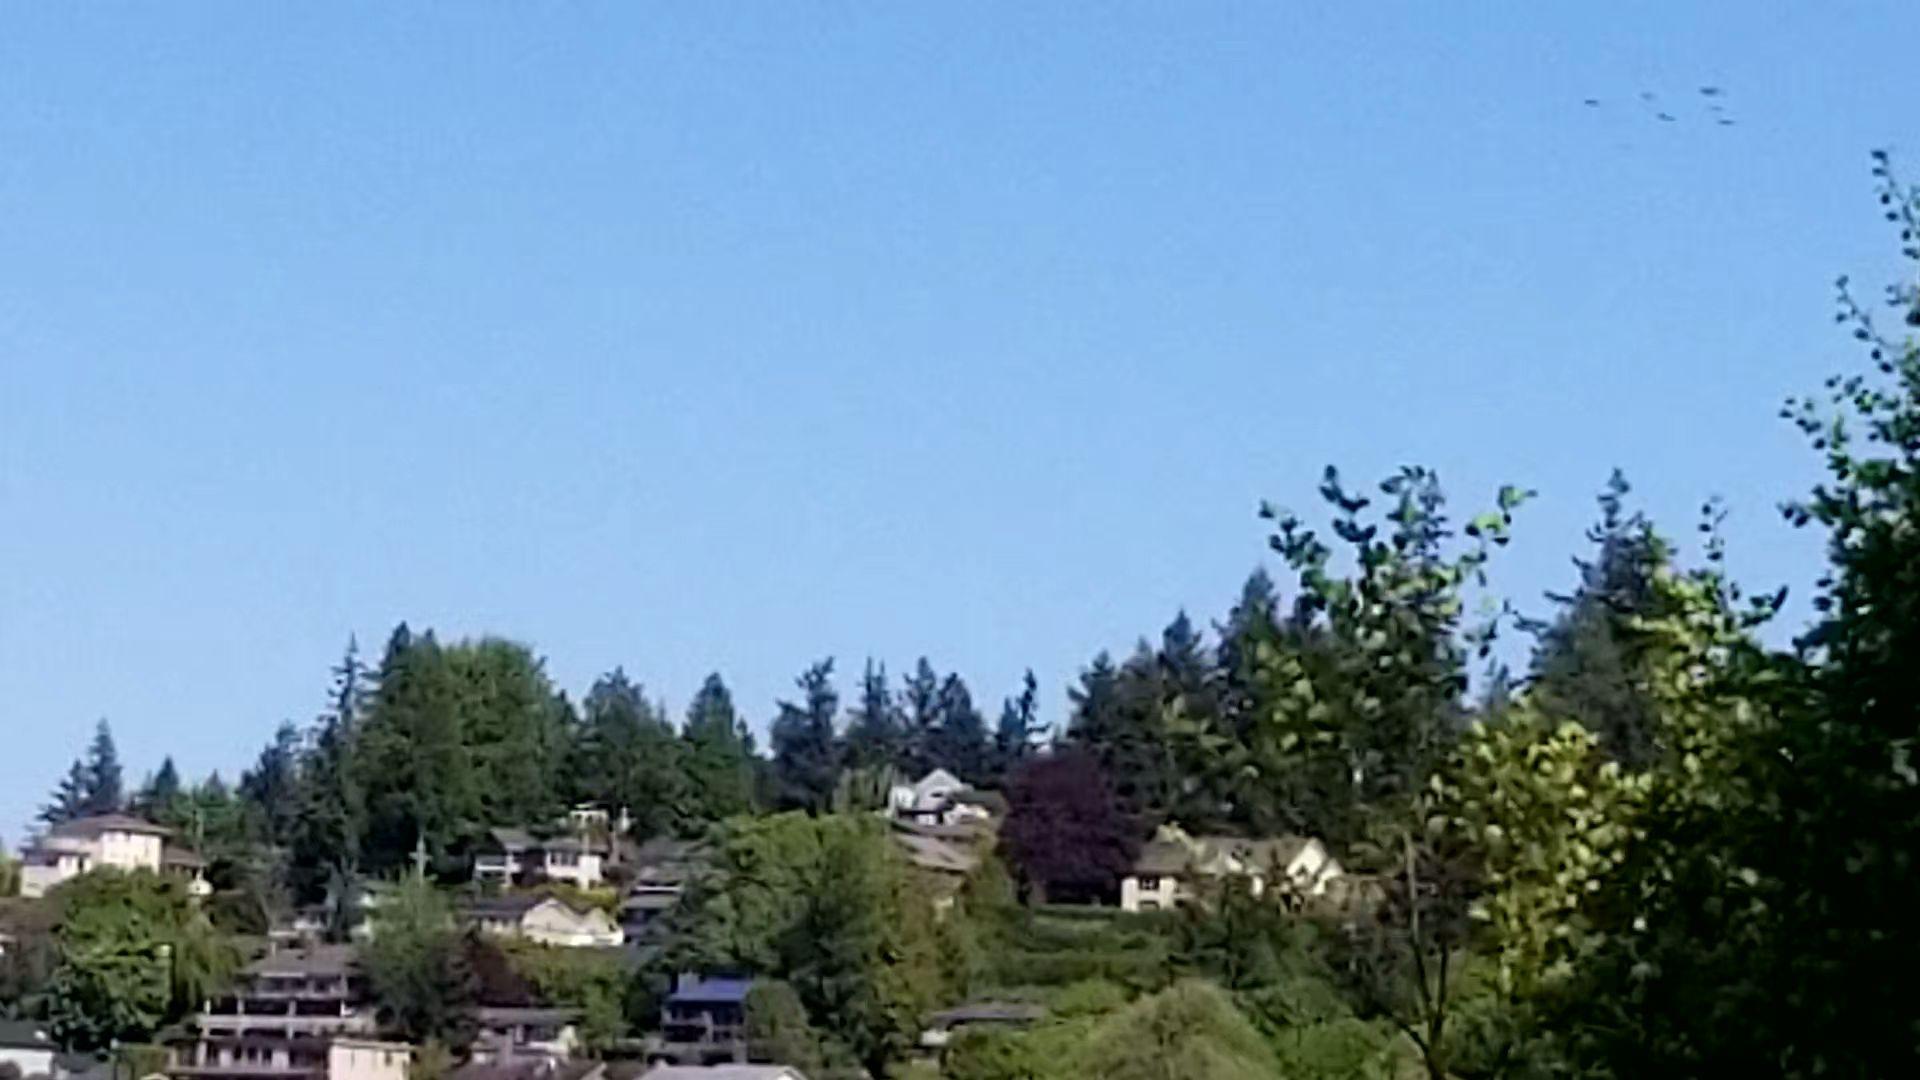 Everett, Washington (United States)